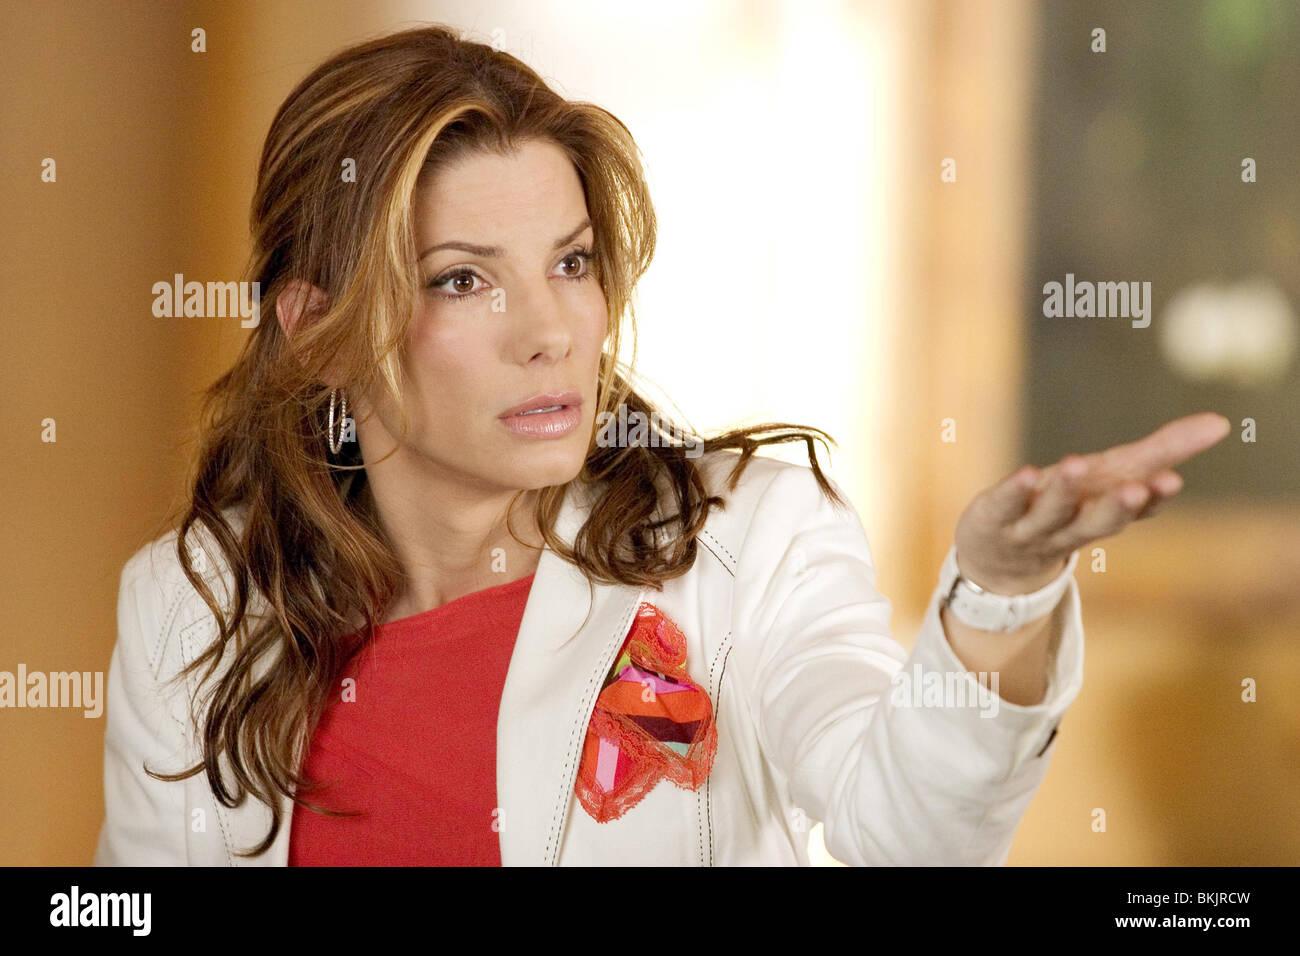 Señorita congenialidad 2: armada y fabulosa (2005) Sandra Bullock MSC2 001-09 Imagen De Stock